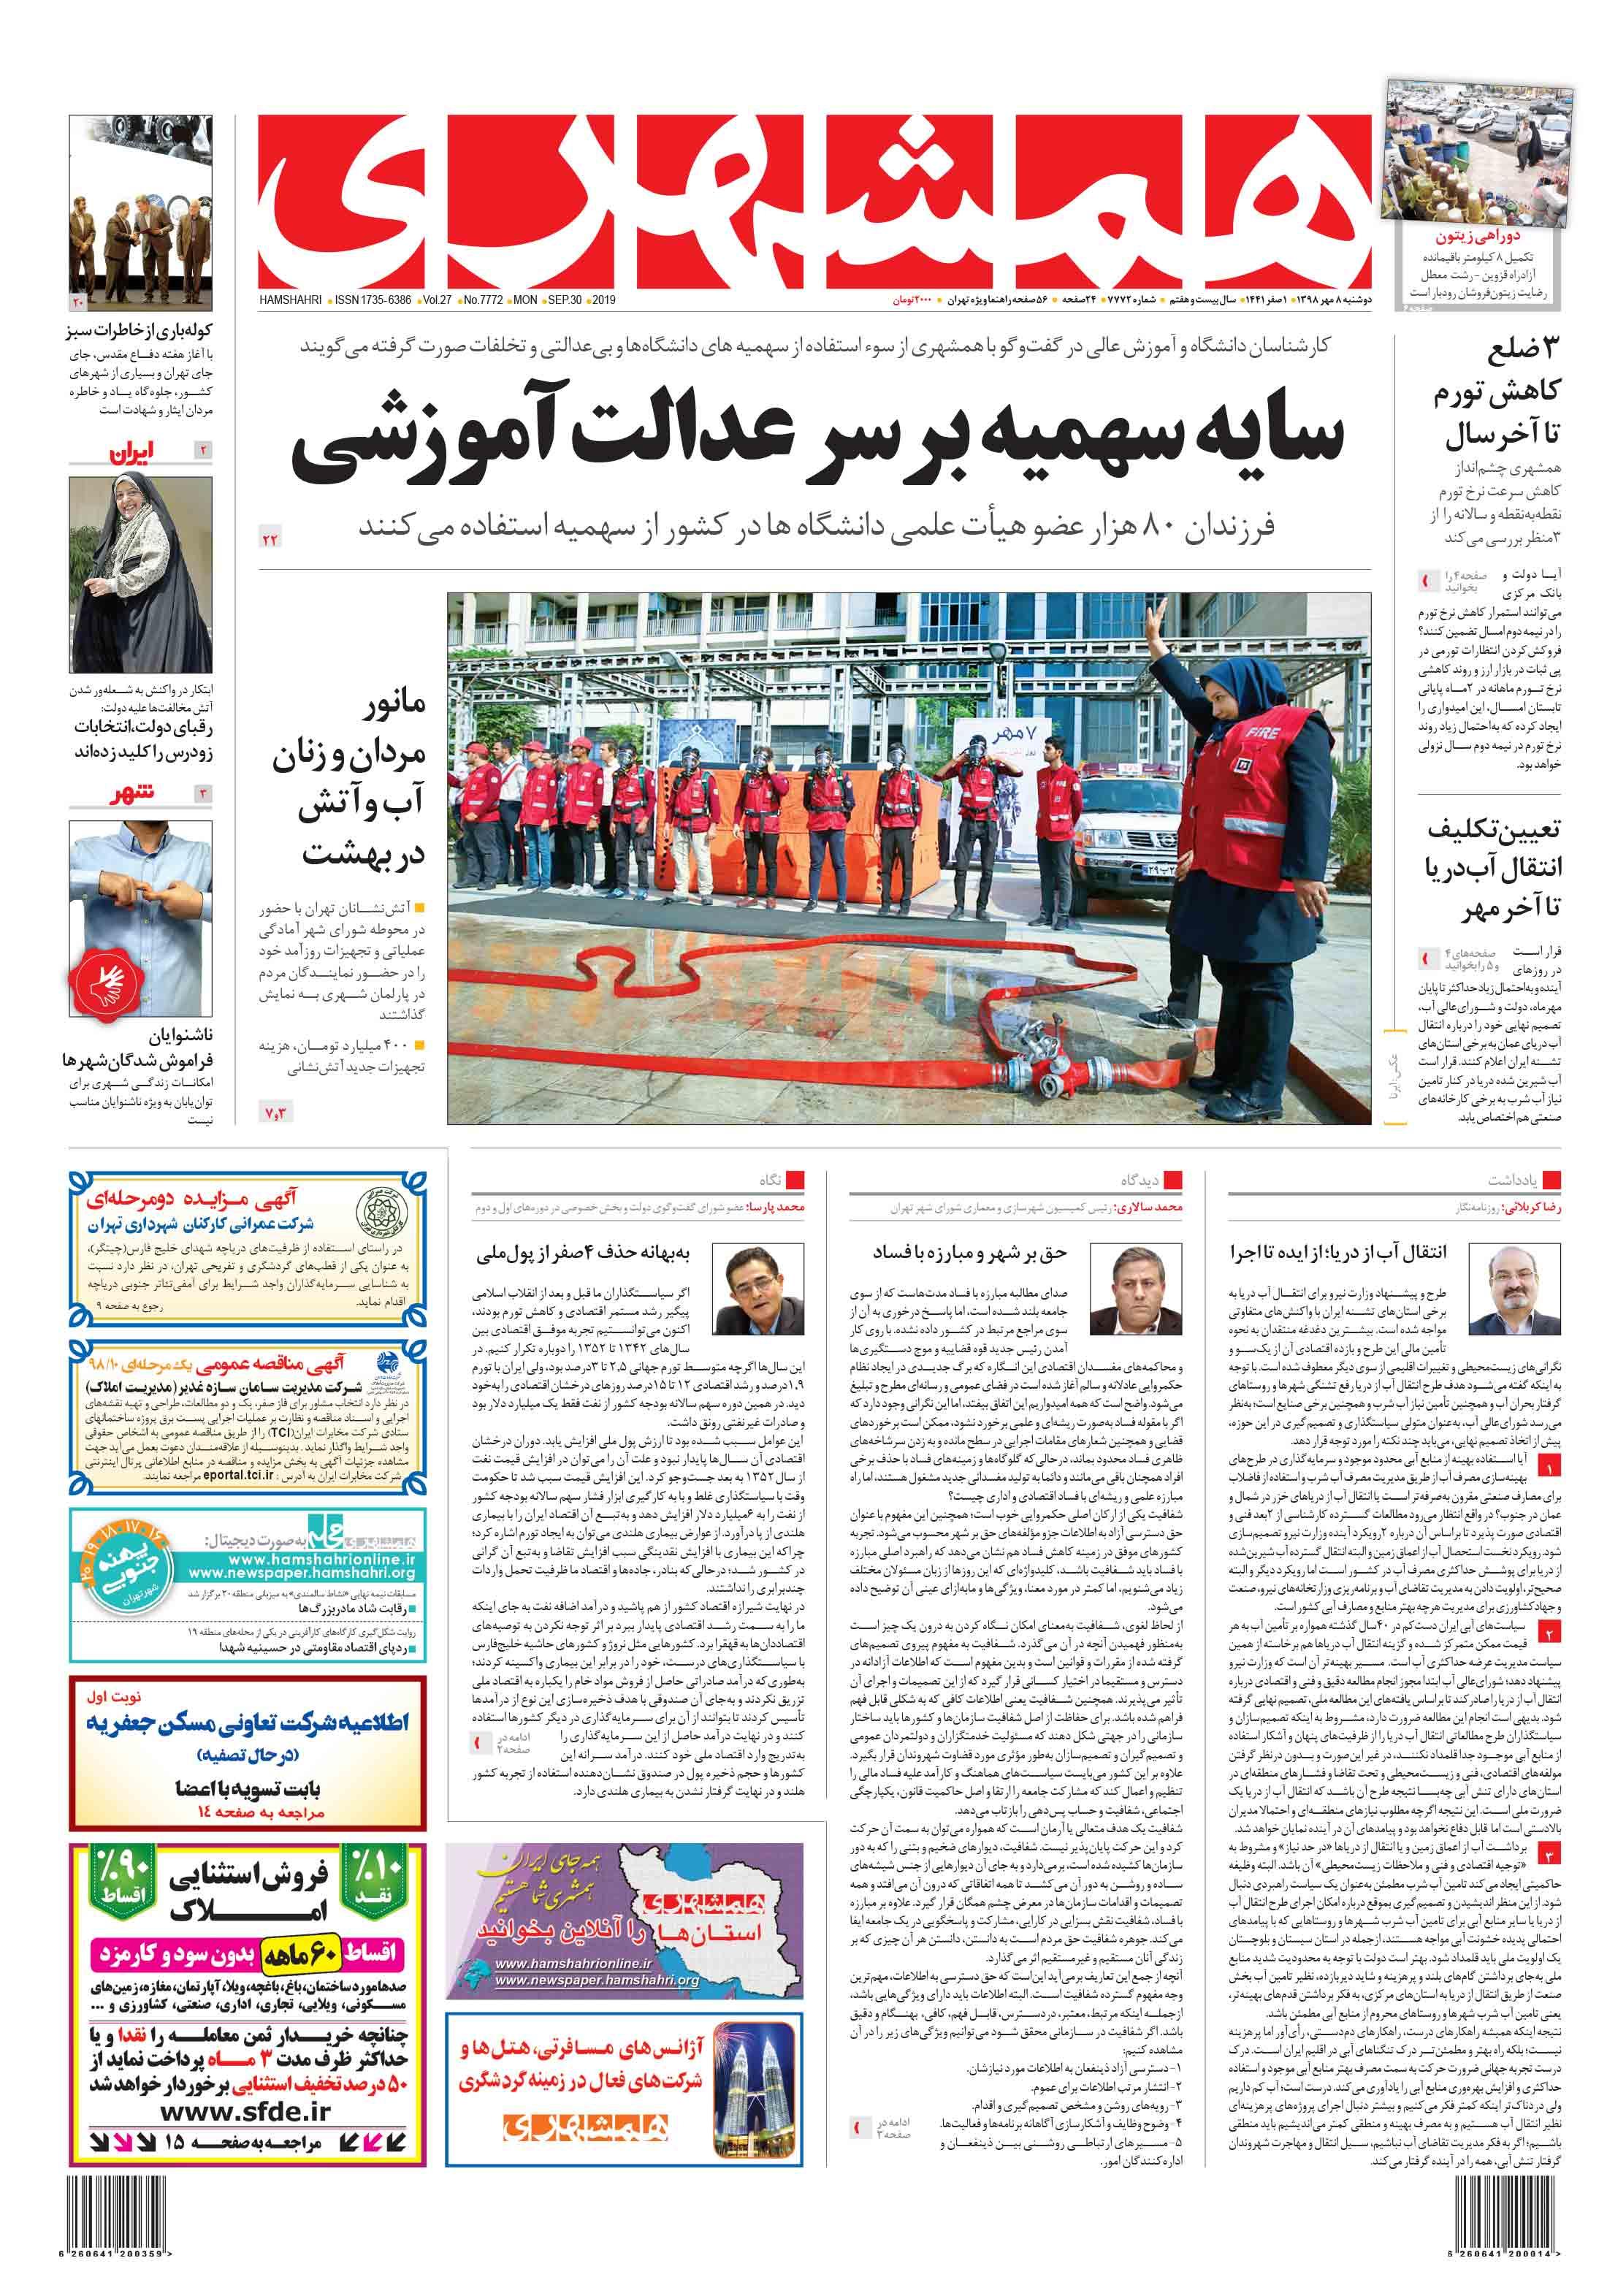 صفحه اول دوشنبه 8 مهر 1398